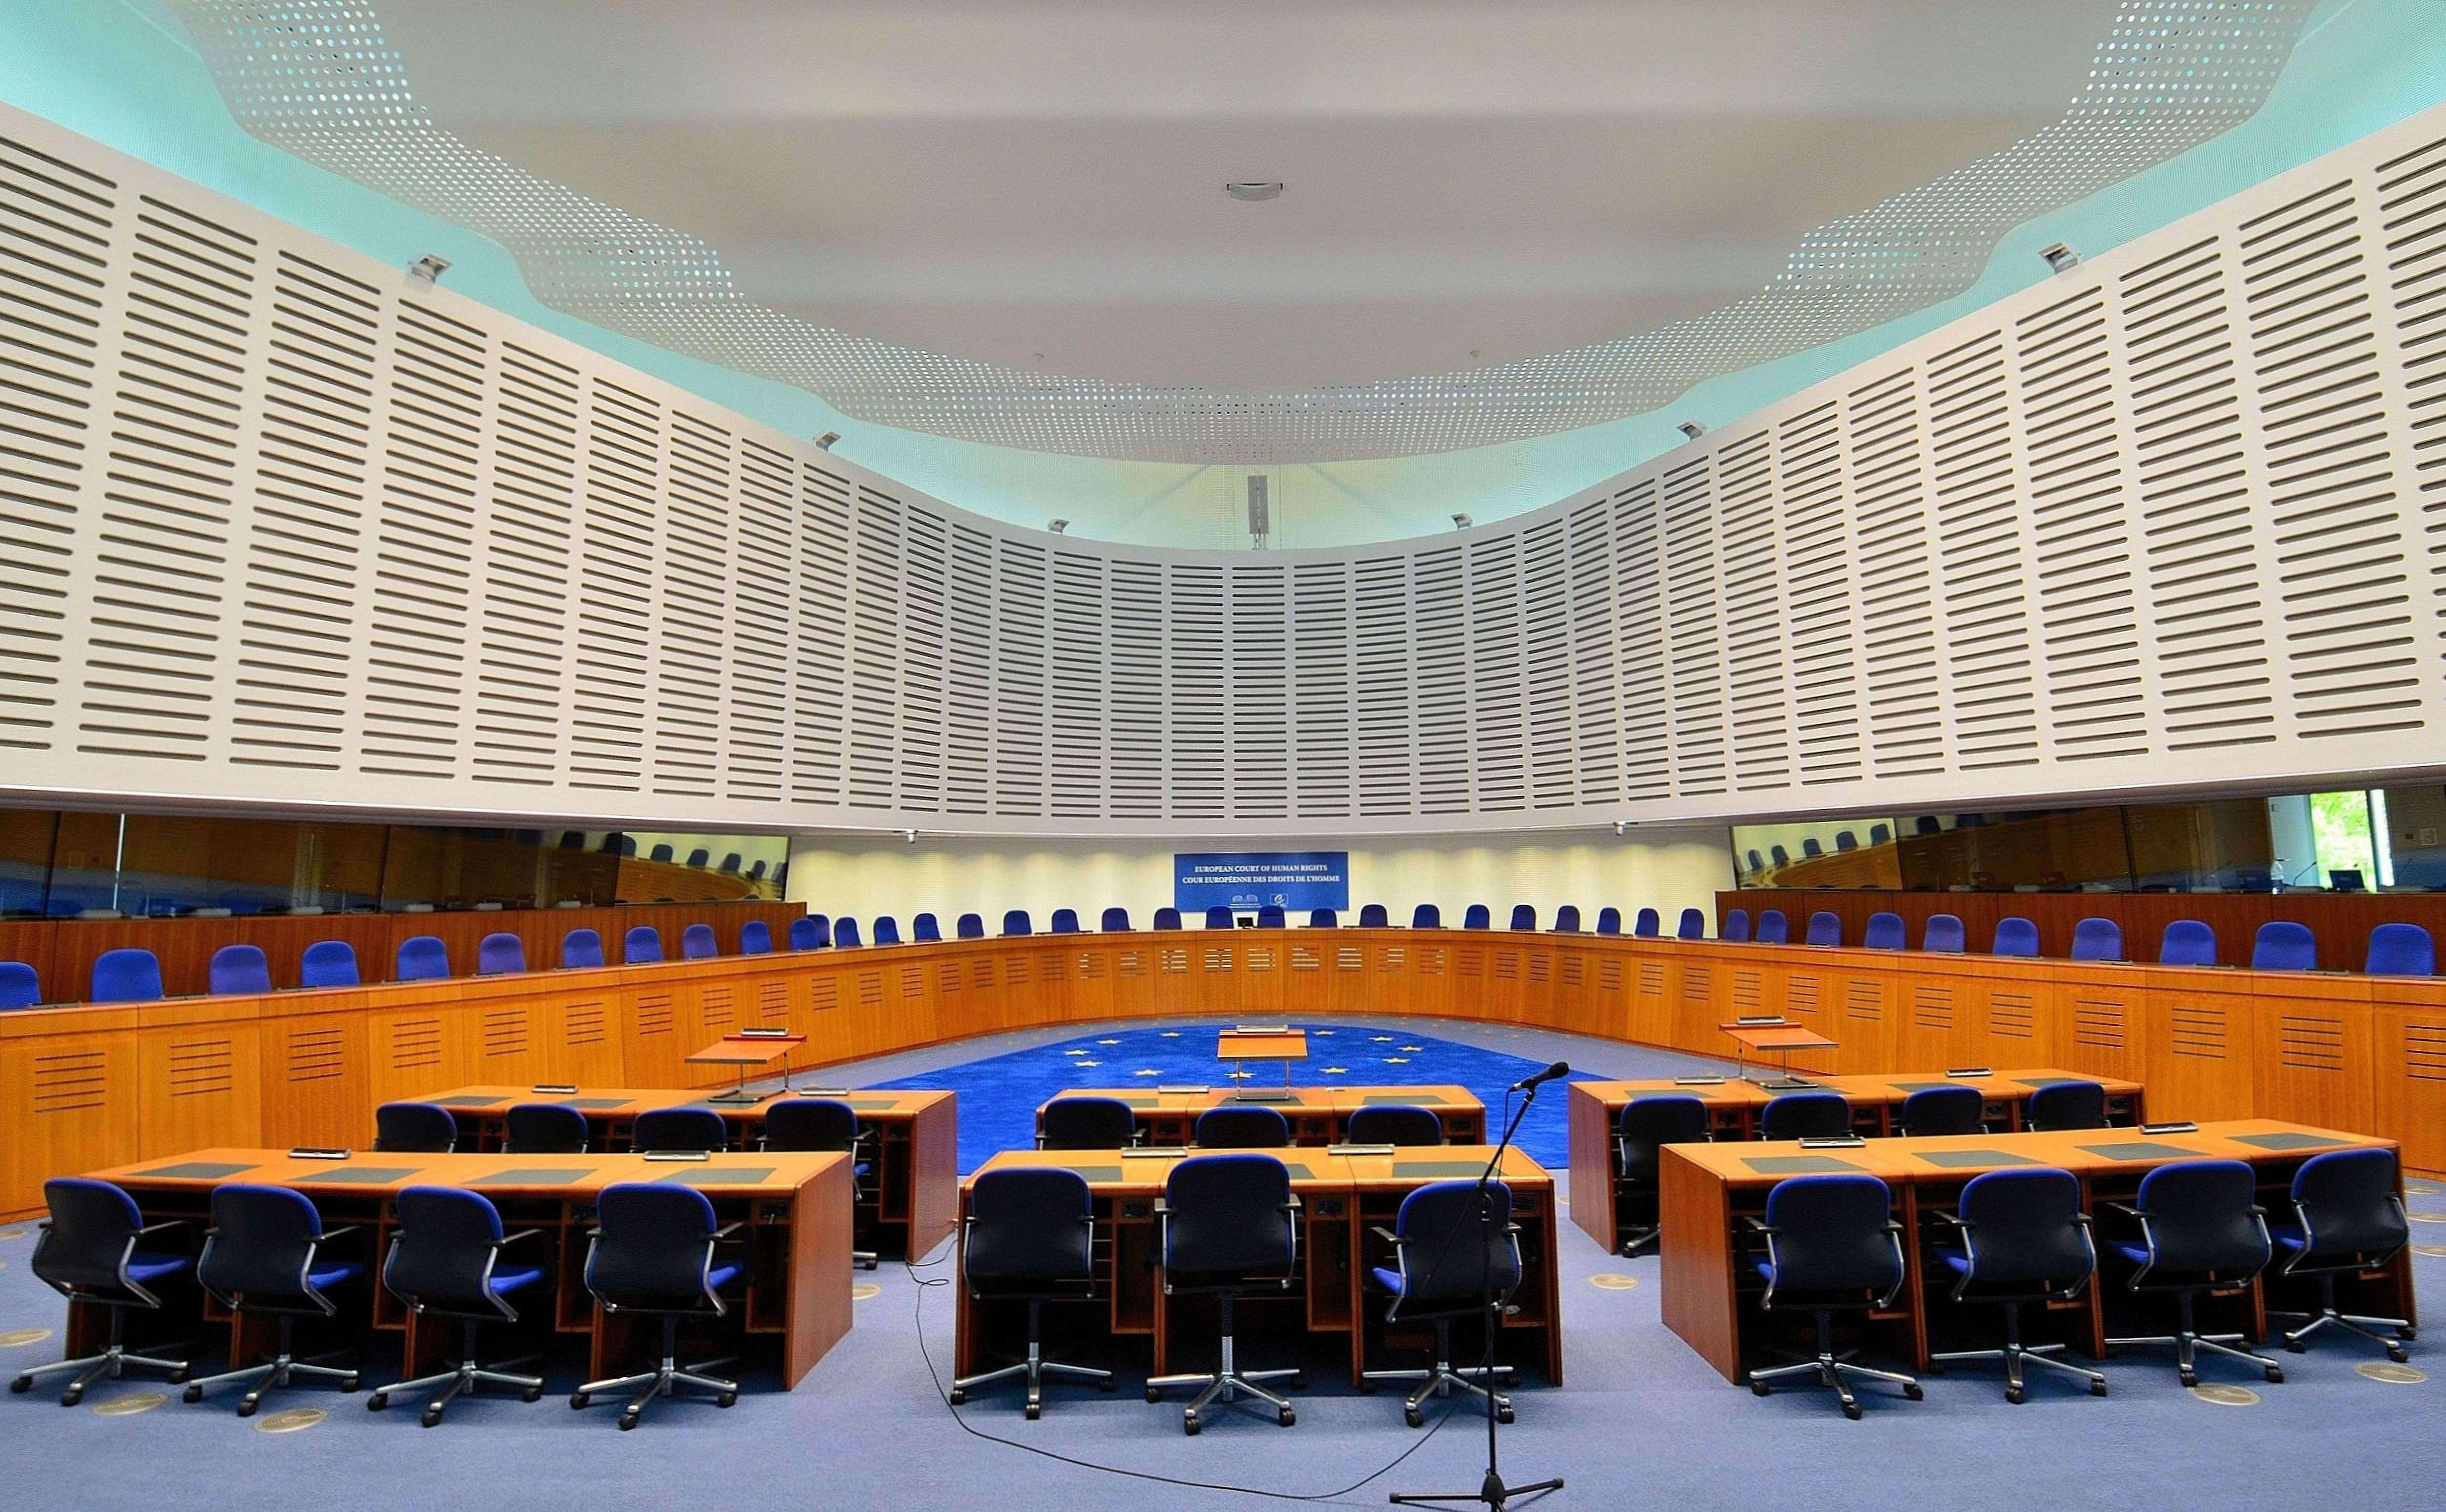 1ce4bb094a Ο συχνότερος λόγος καταδίκης της Ελλάδας από το Ευρωπαϊκό Δικαστήριο ...